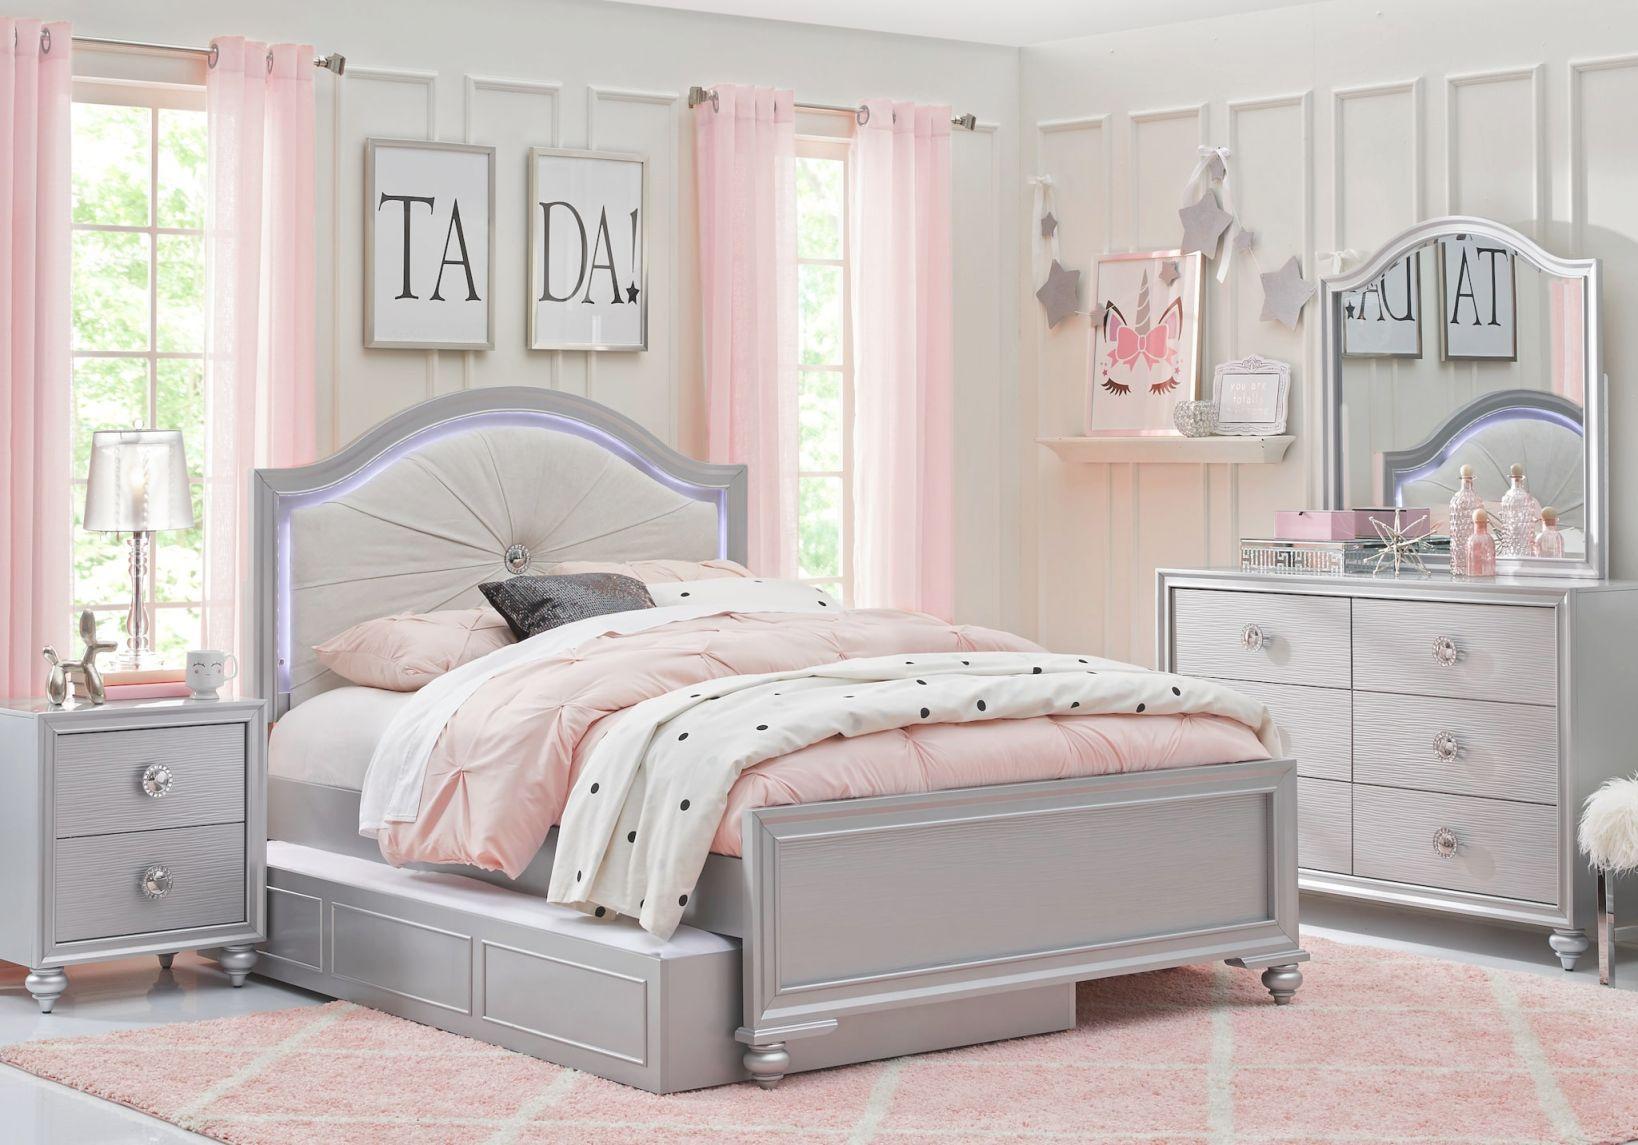 Girls Bedroom Sets Suitable Combine With Bedroom Sets For regarding Bedroom Set Girl